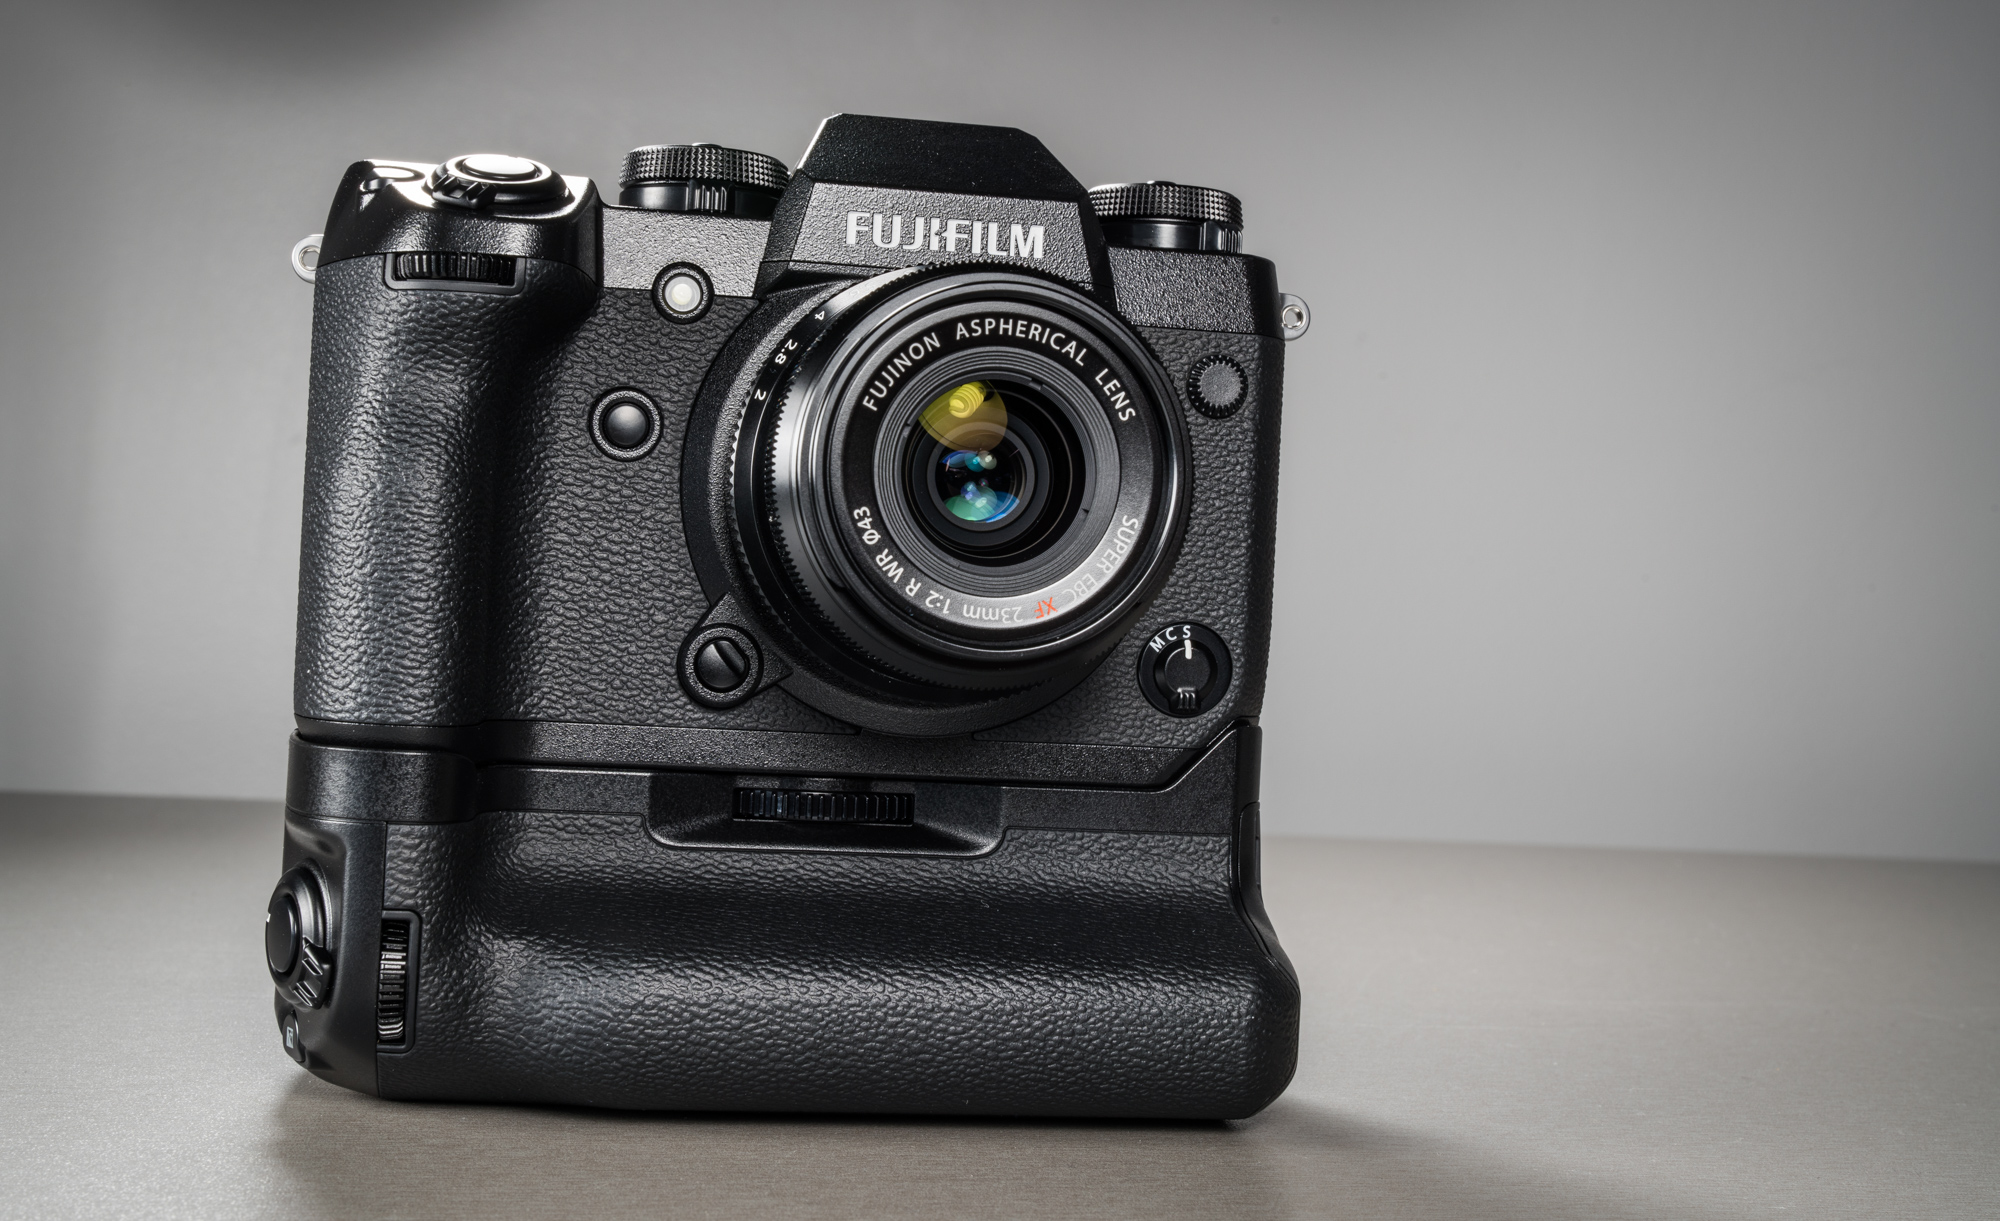 fujifilm-x-h1-hubriidkaamera-photopoint-14